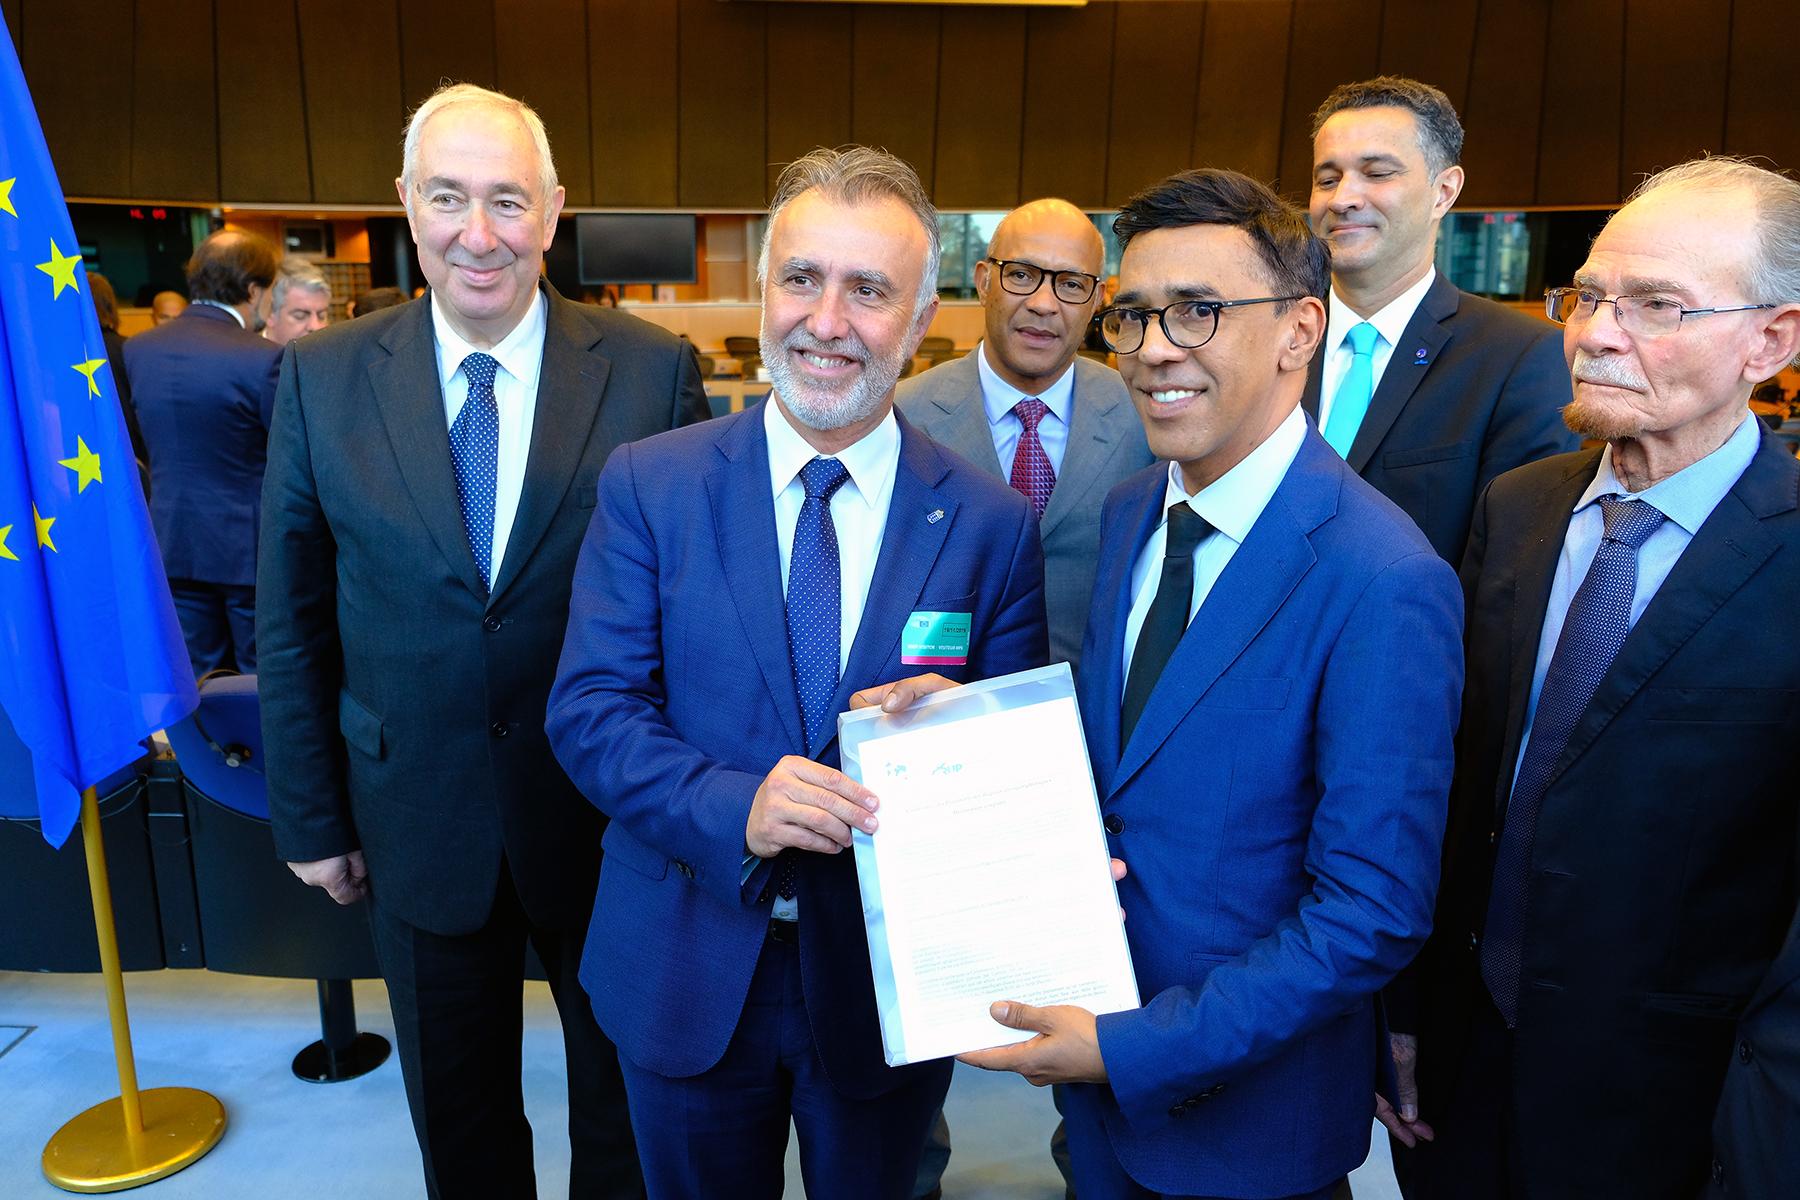 Torres y Omarjee muestran la Declaración Conjunta de las RUP